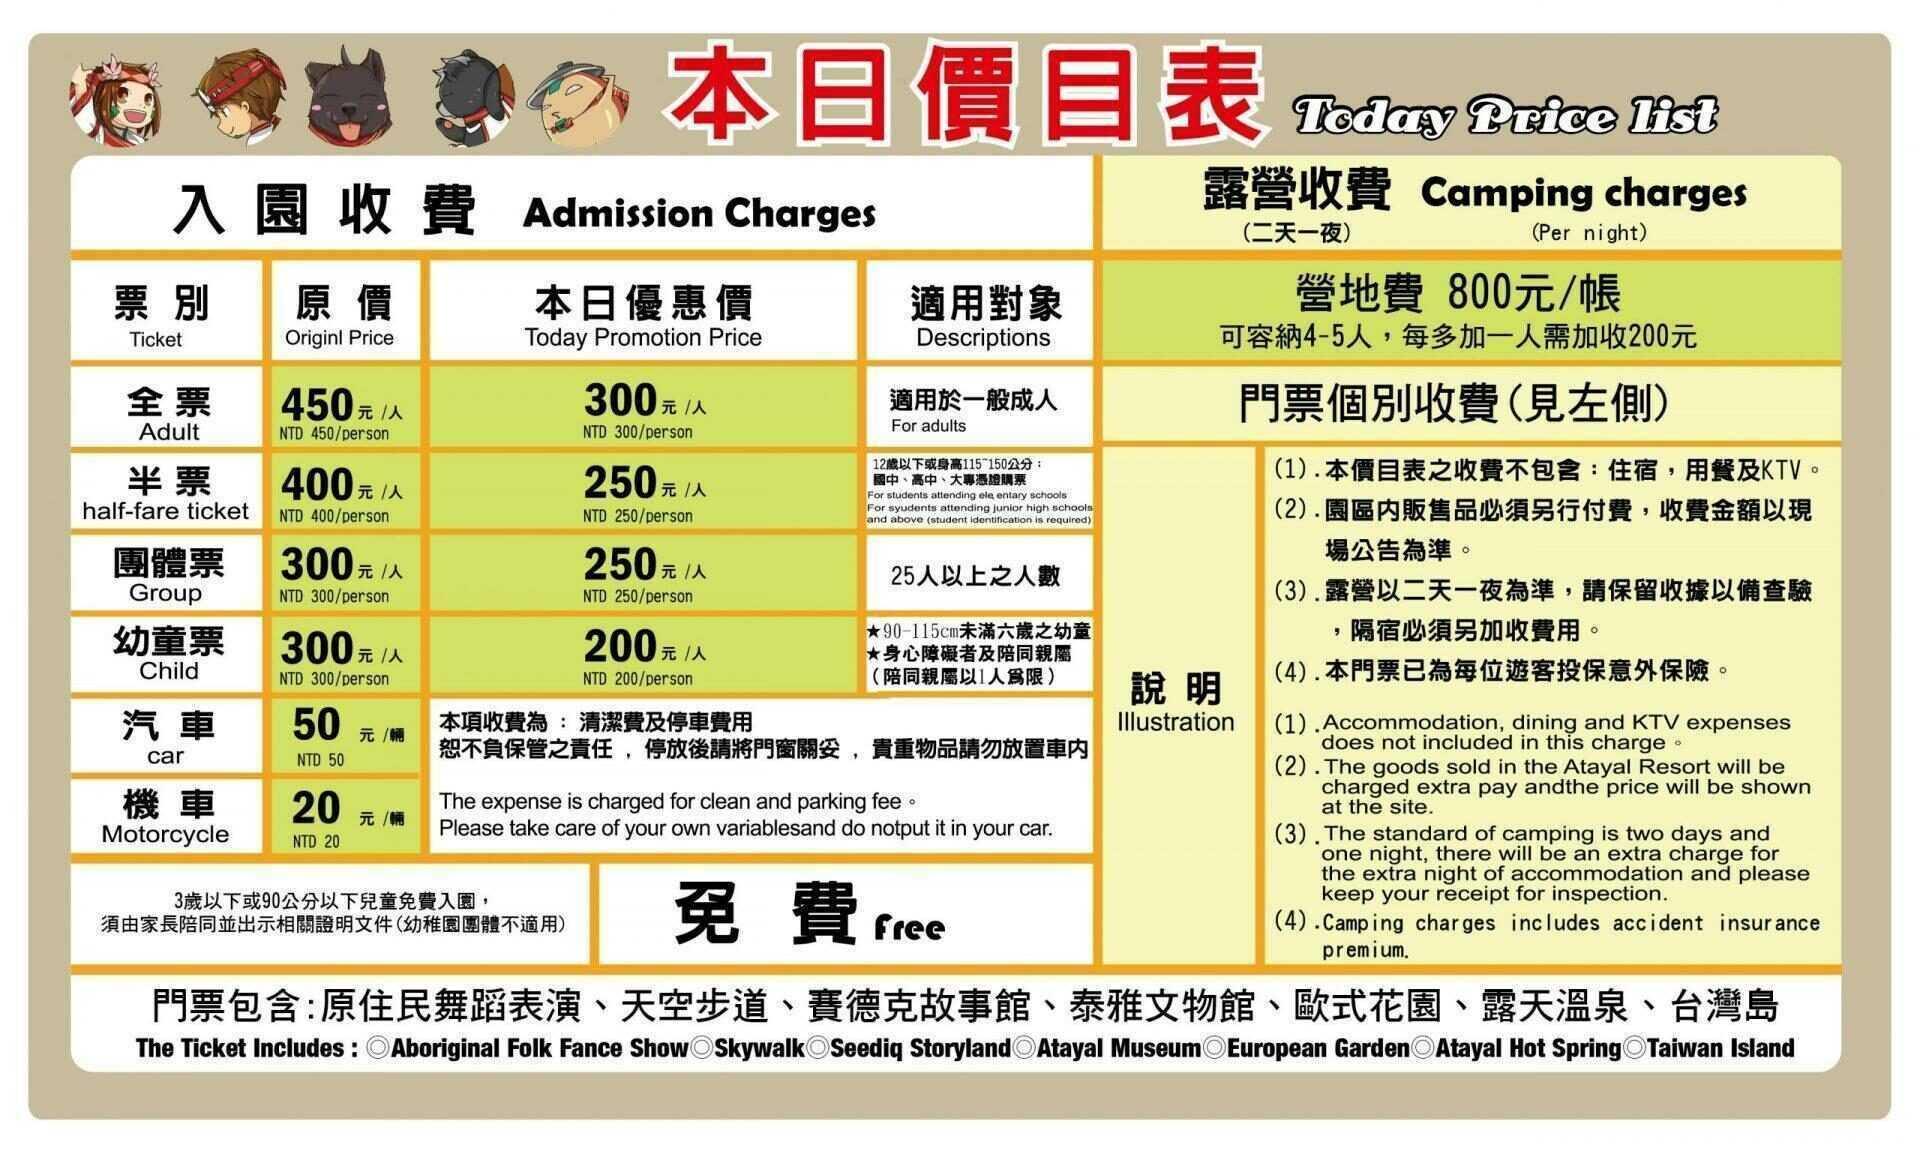 泰雅渡假村|購票資訊及票價